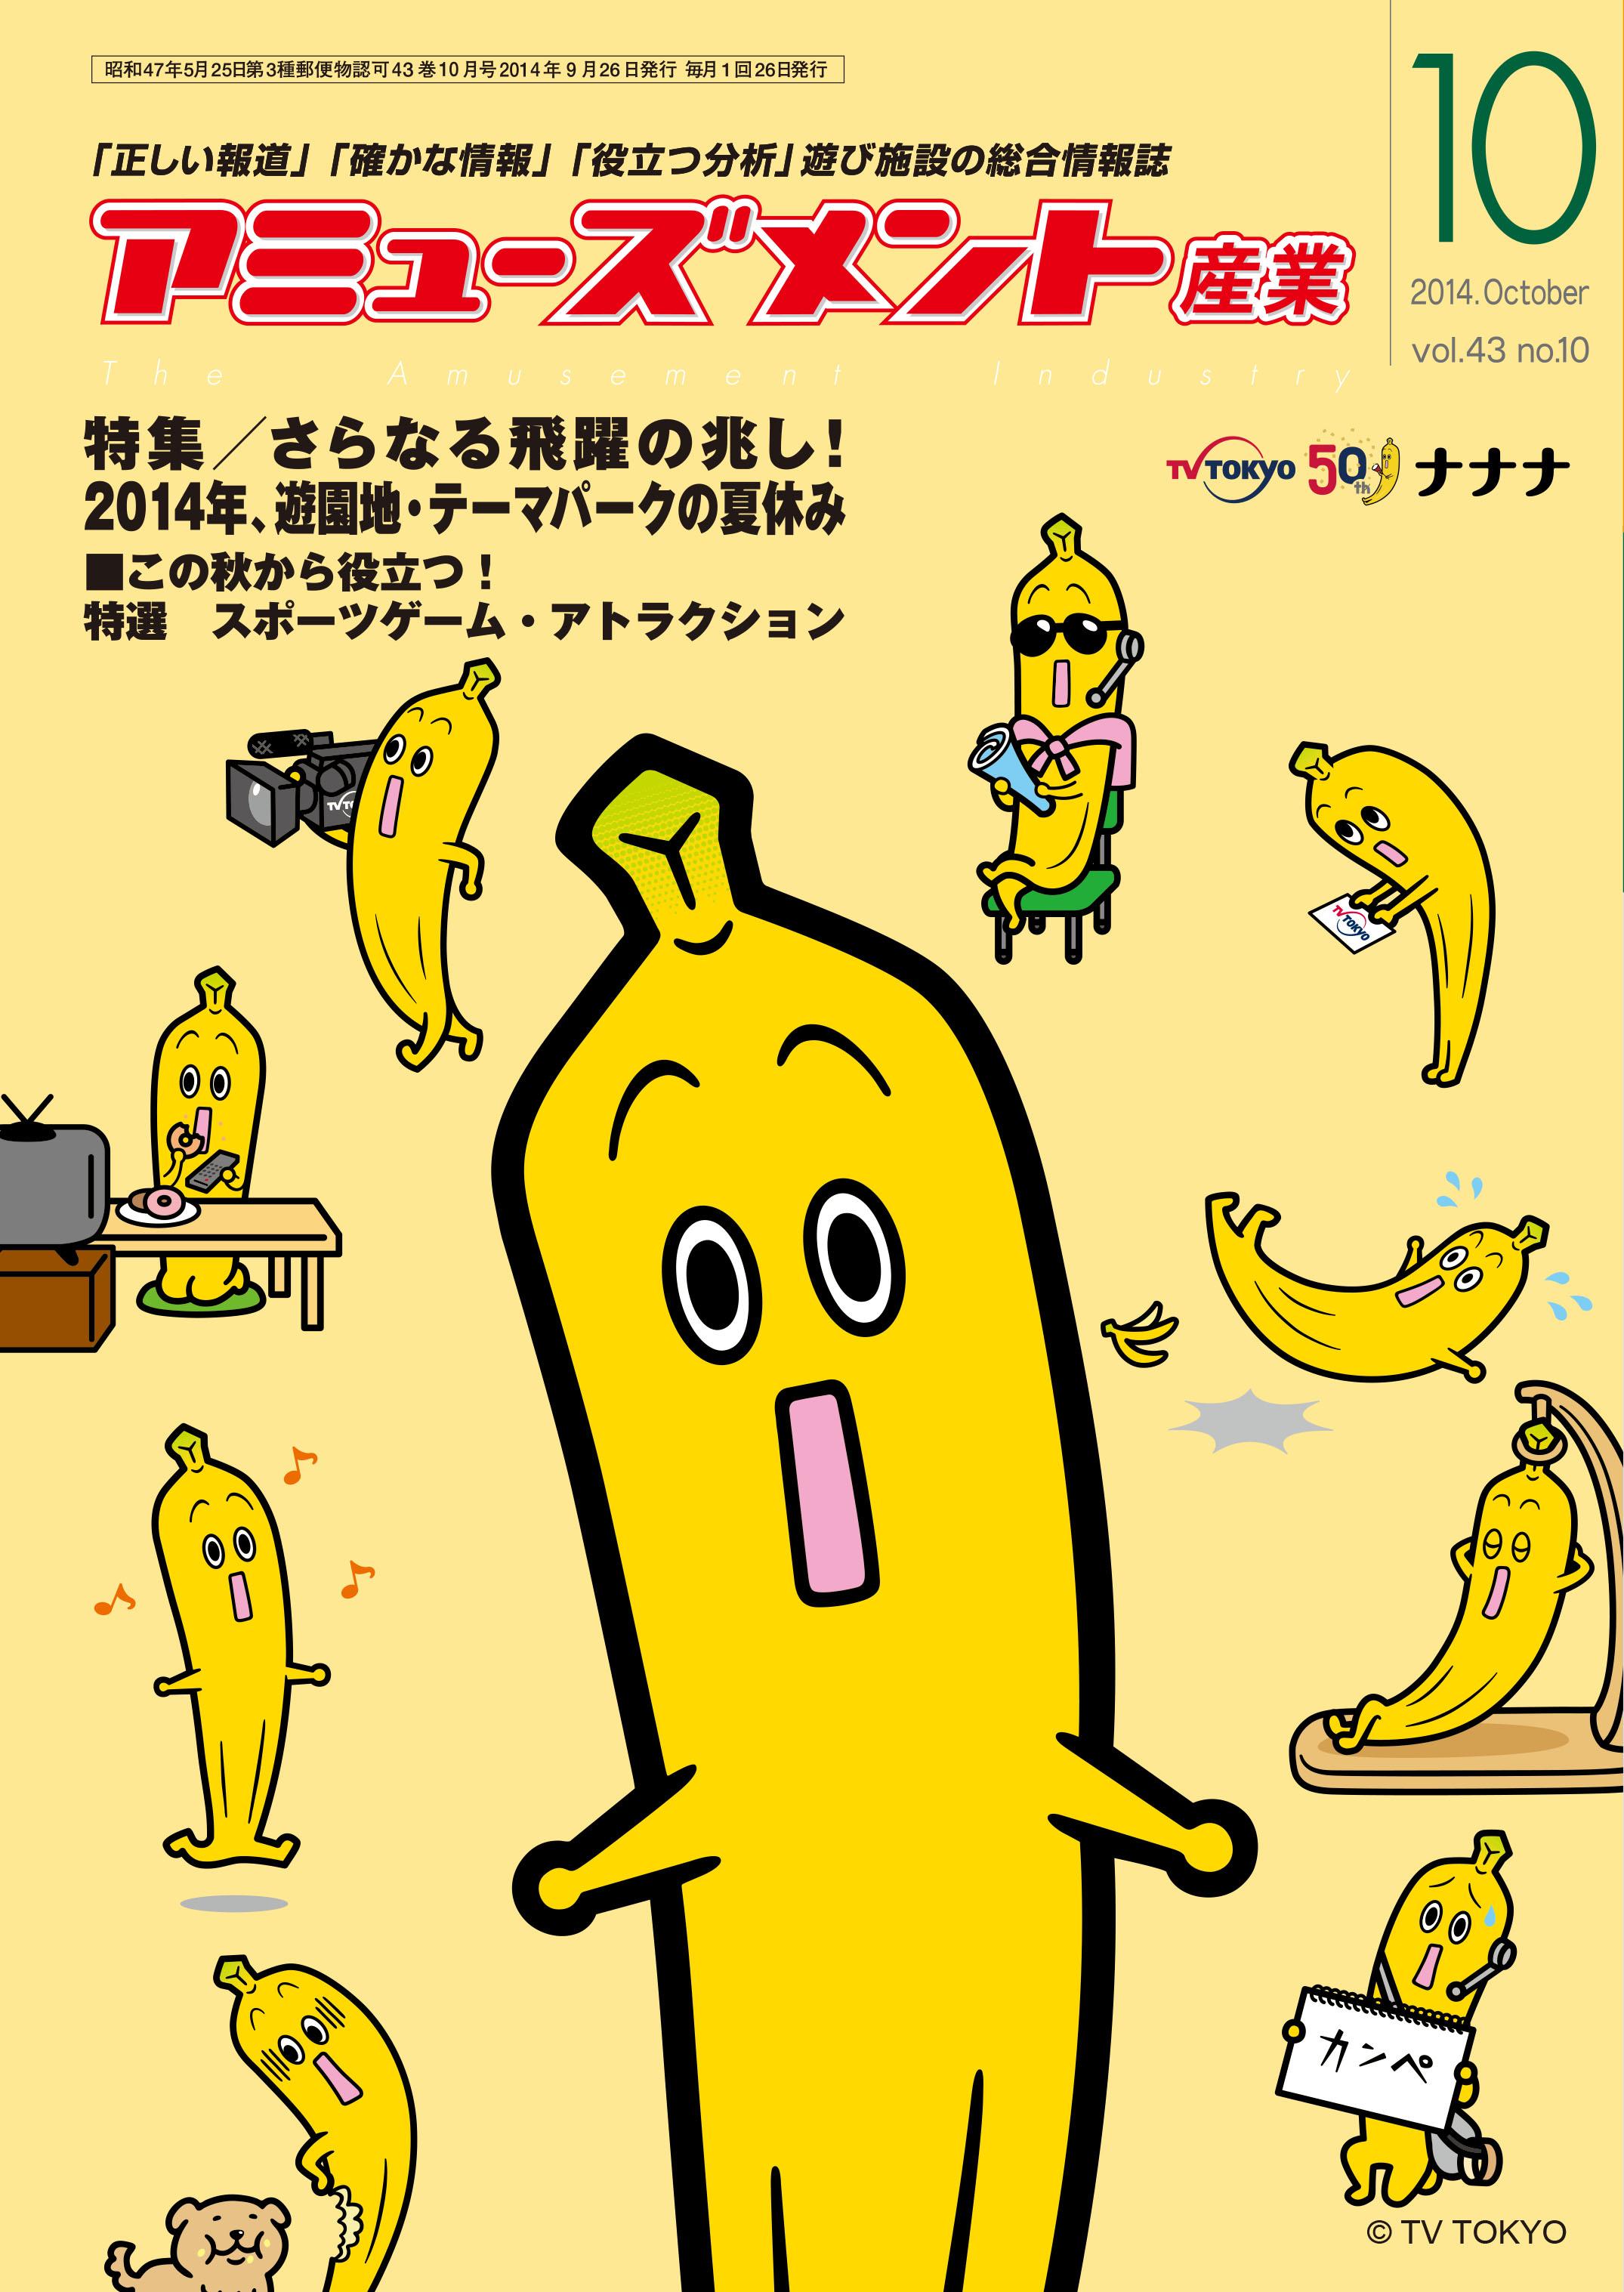 月刊アミューズメント産業最新号